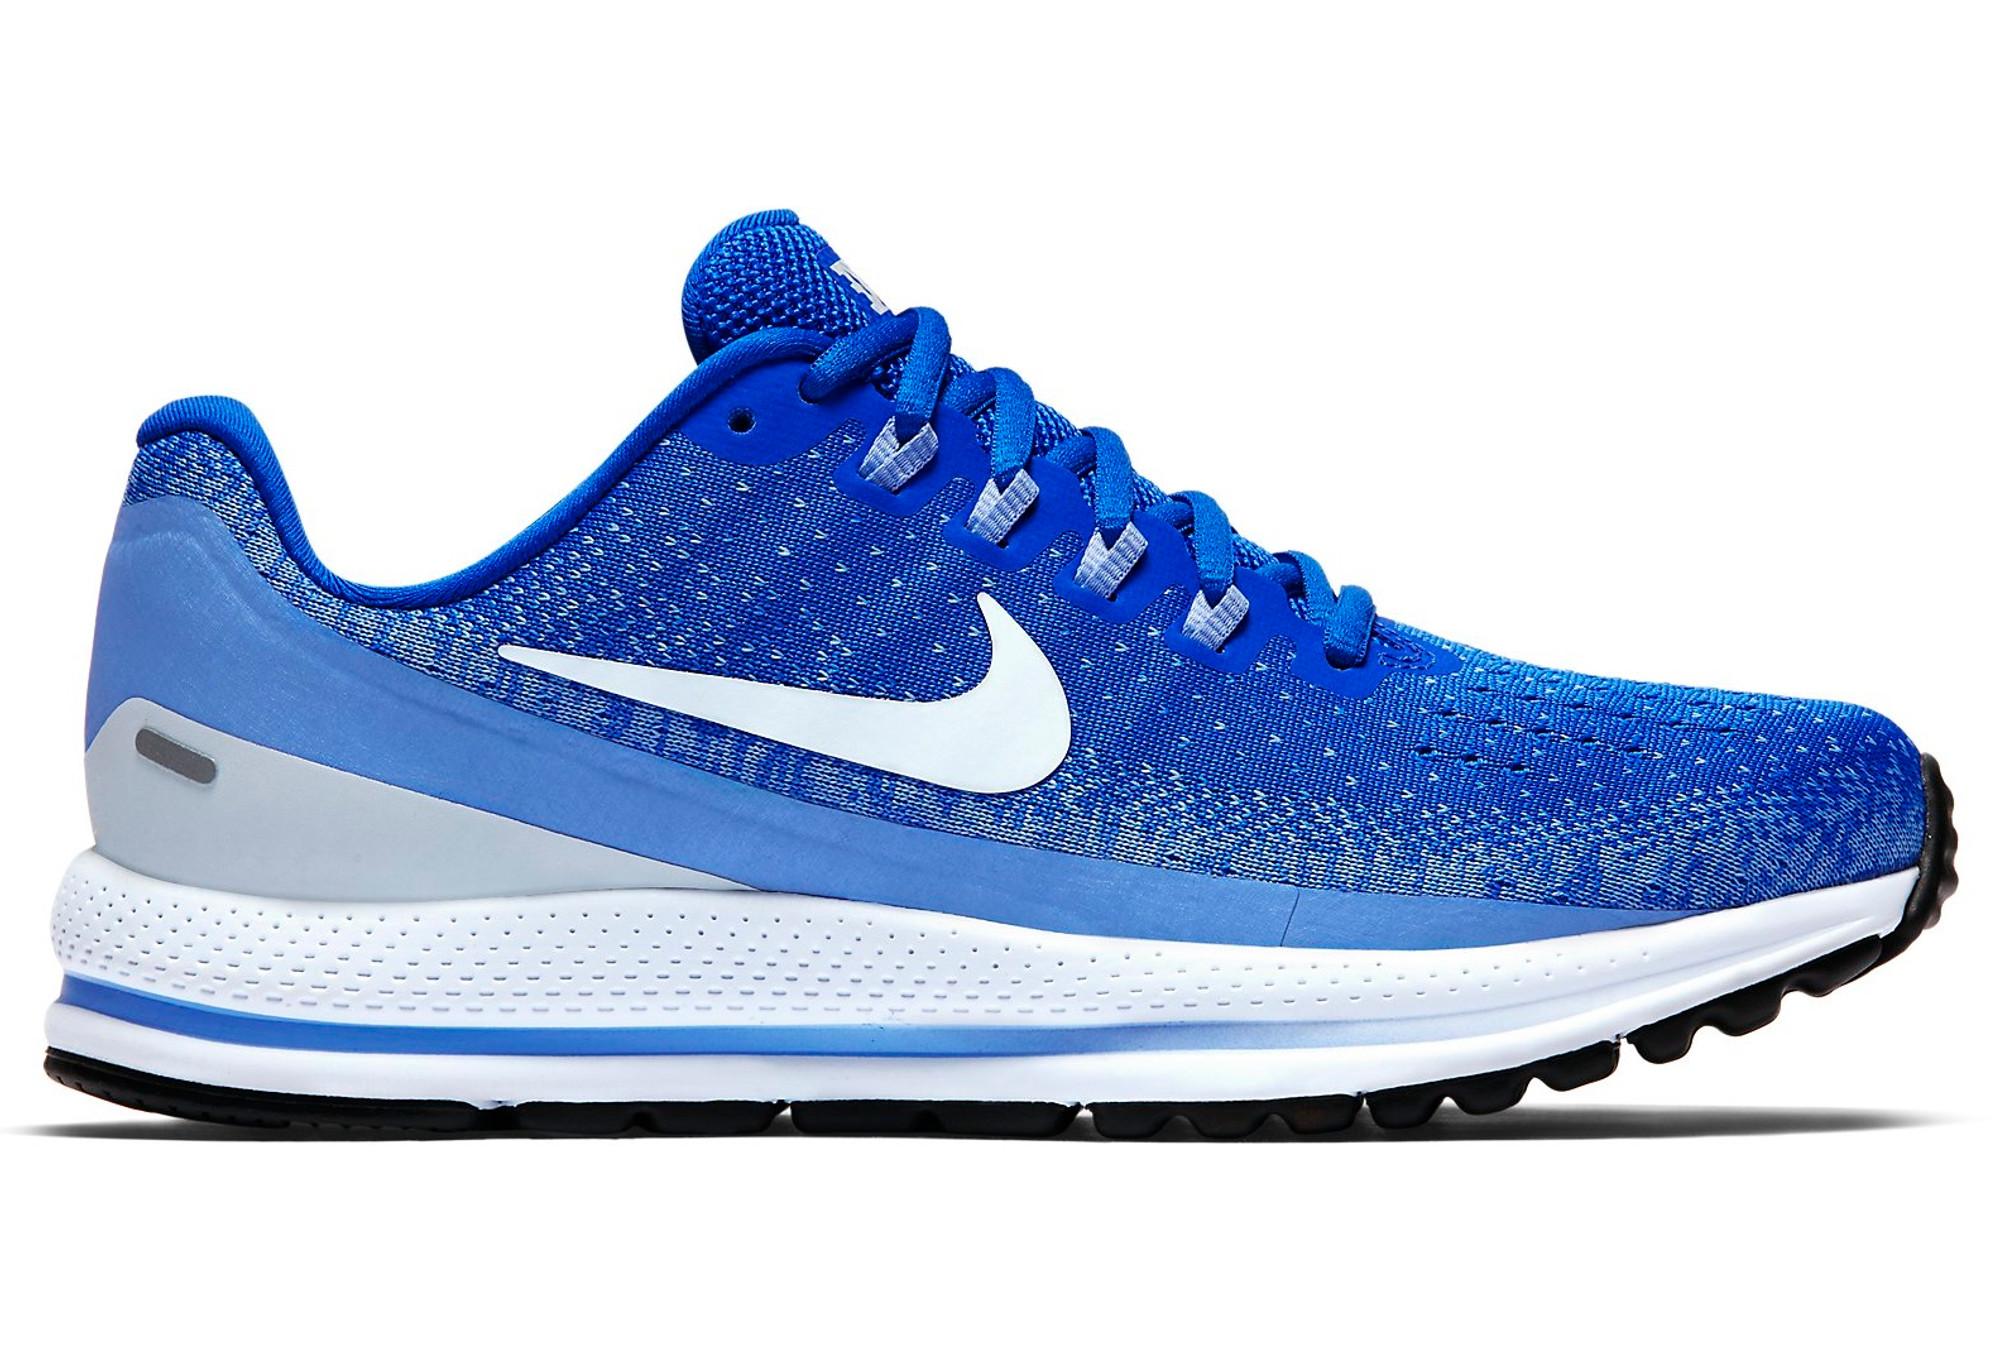 new products 5d138 a54de Chaussures de Running Femme Nike Air Zoom Vomero 13 Bleu   Blanc